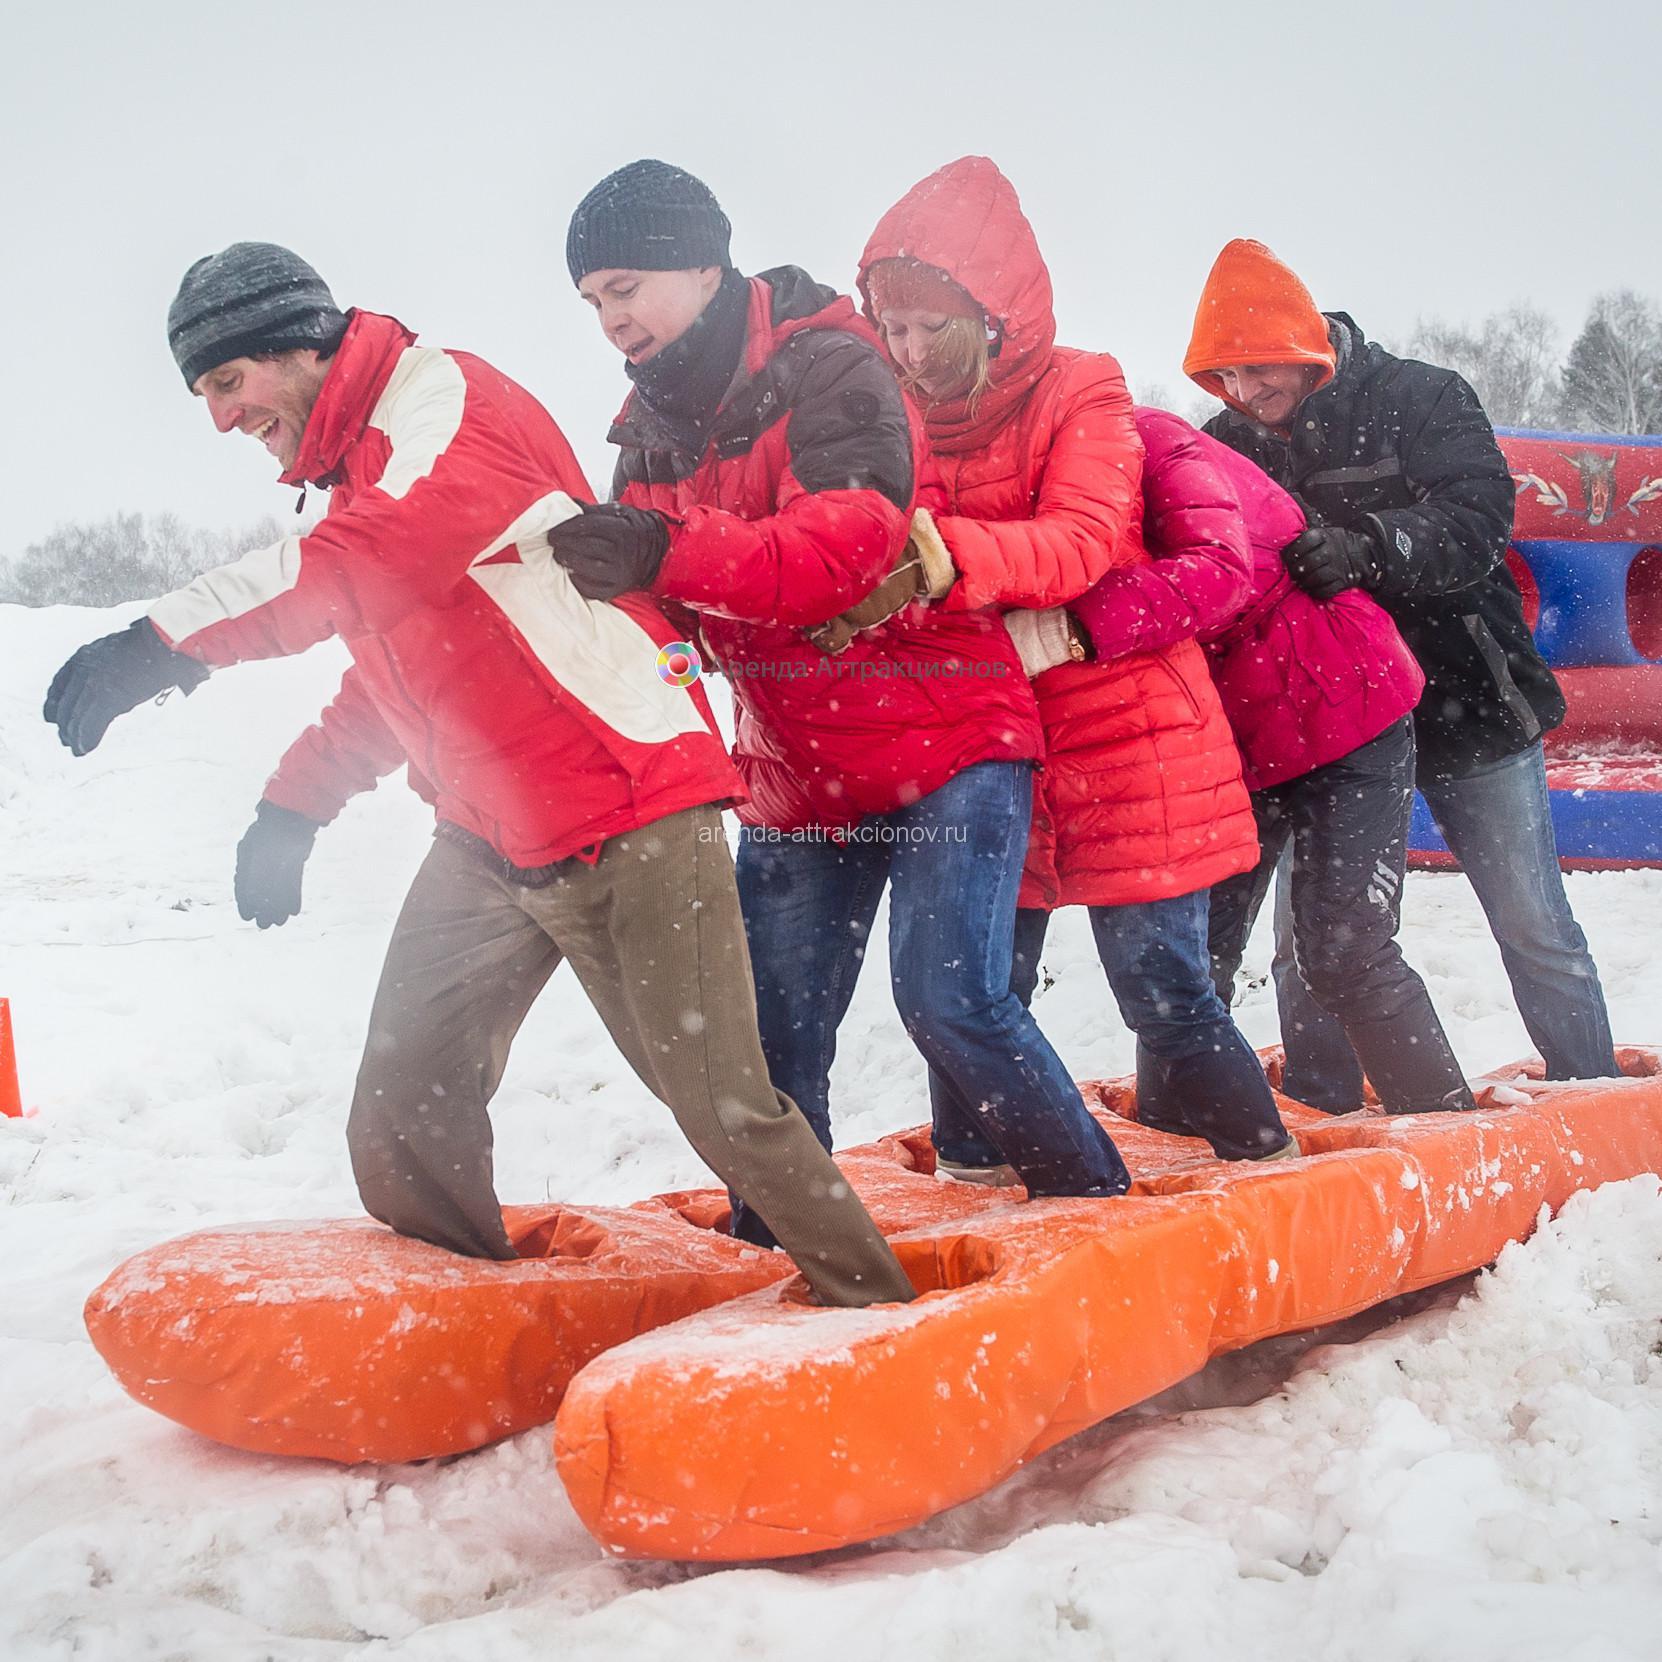 Аренда аттракциона для соревнований Лыжи Командные